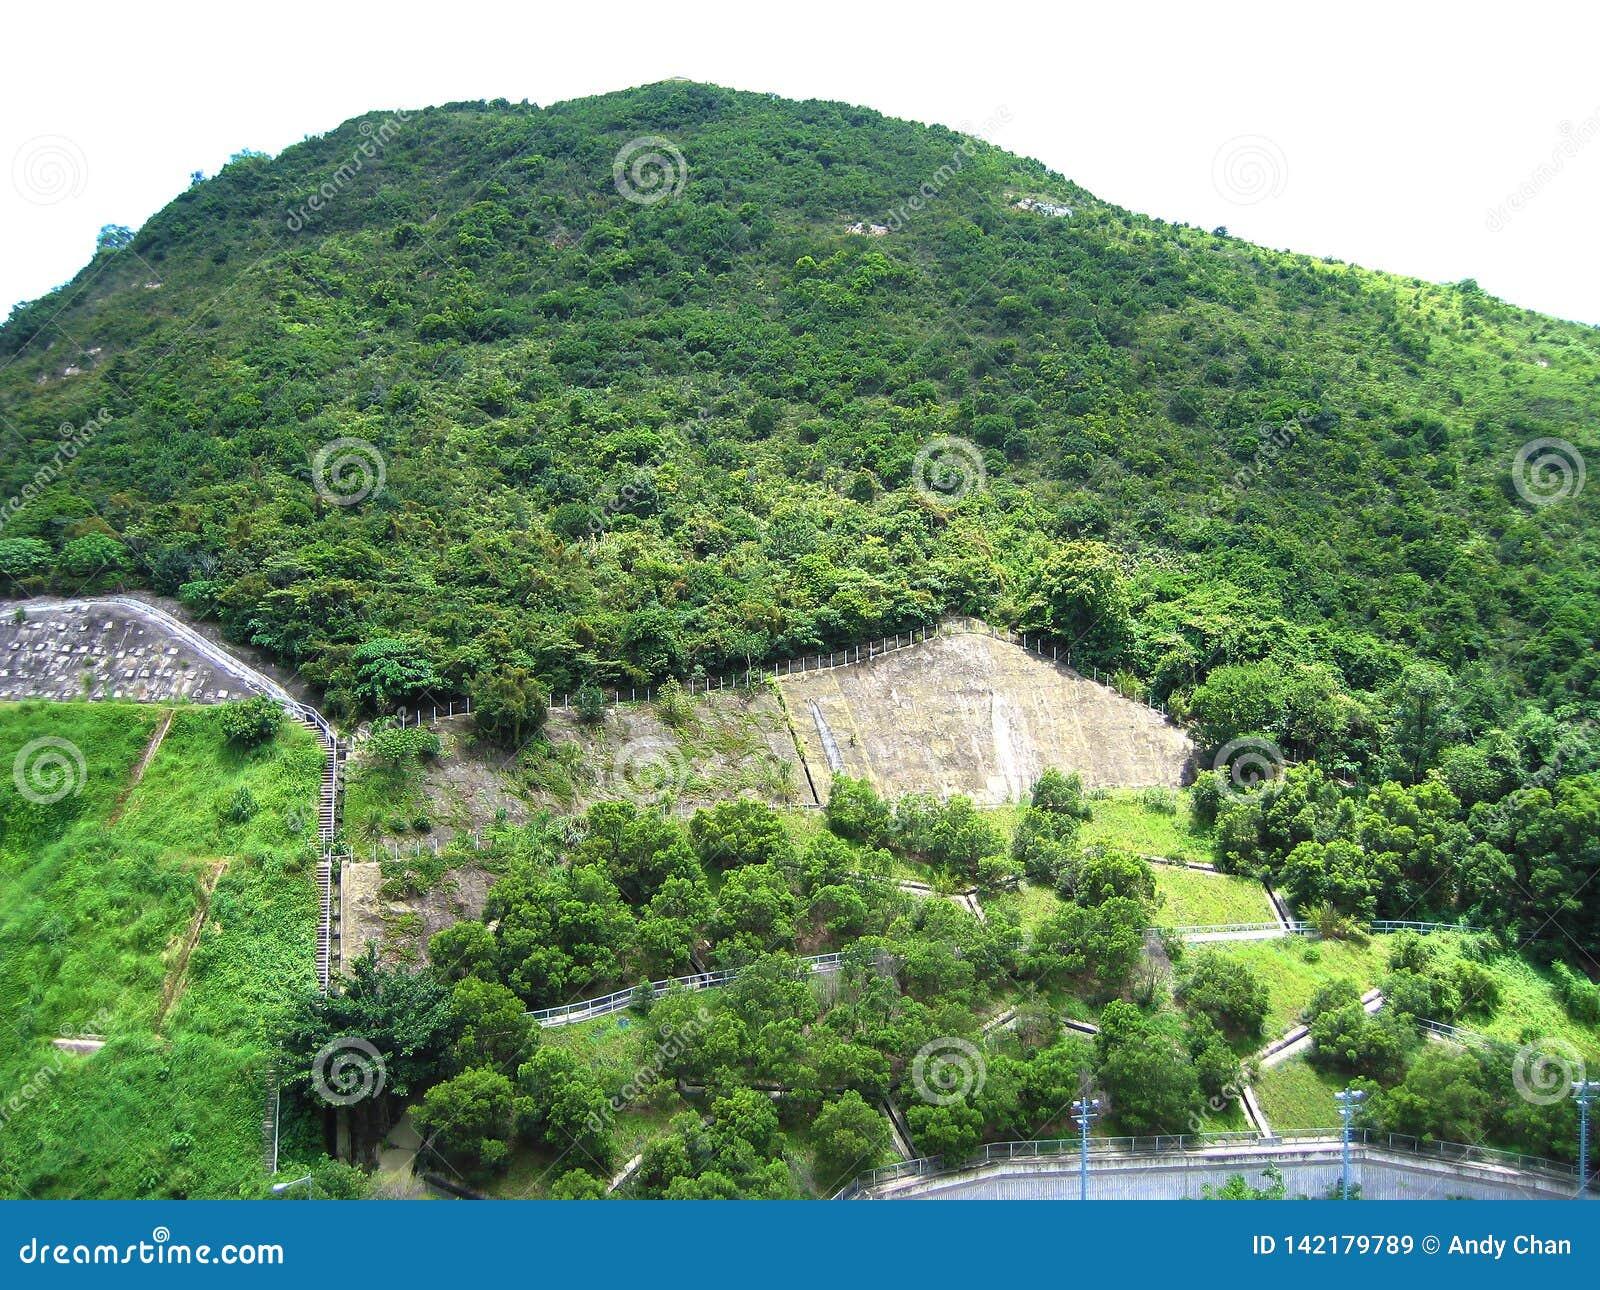 Πράσινα βουνά με τα πράσινα δέντρα στη κατοικήσιμη περιοχή στο Χονγκ Κονγκ